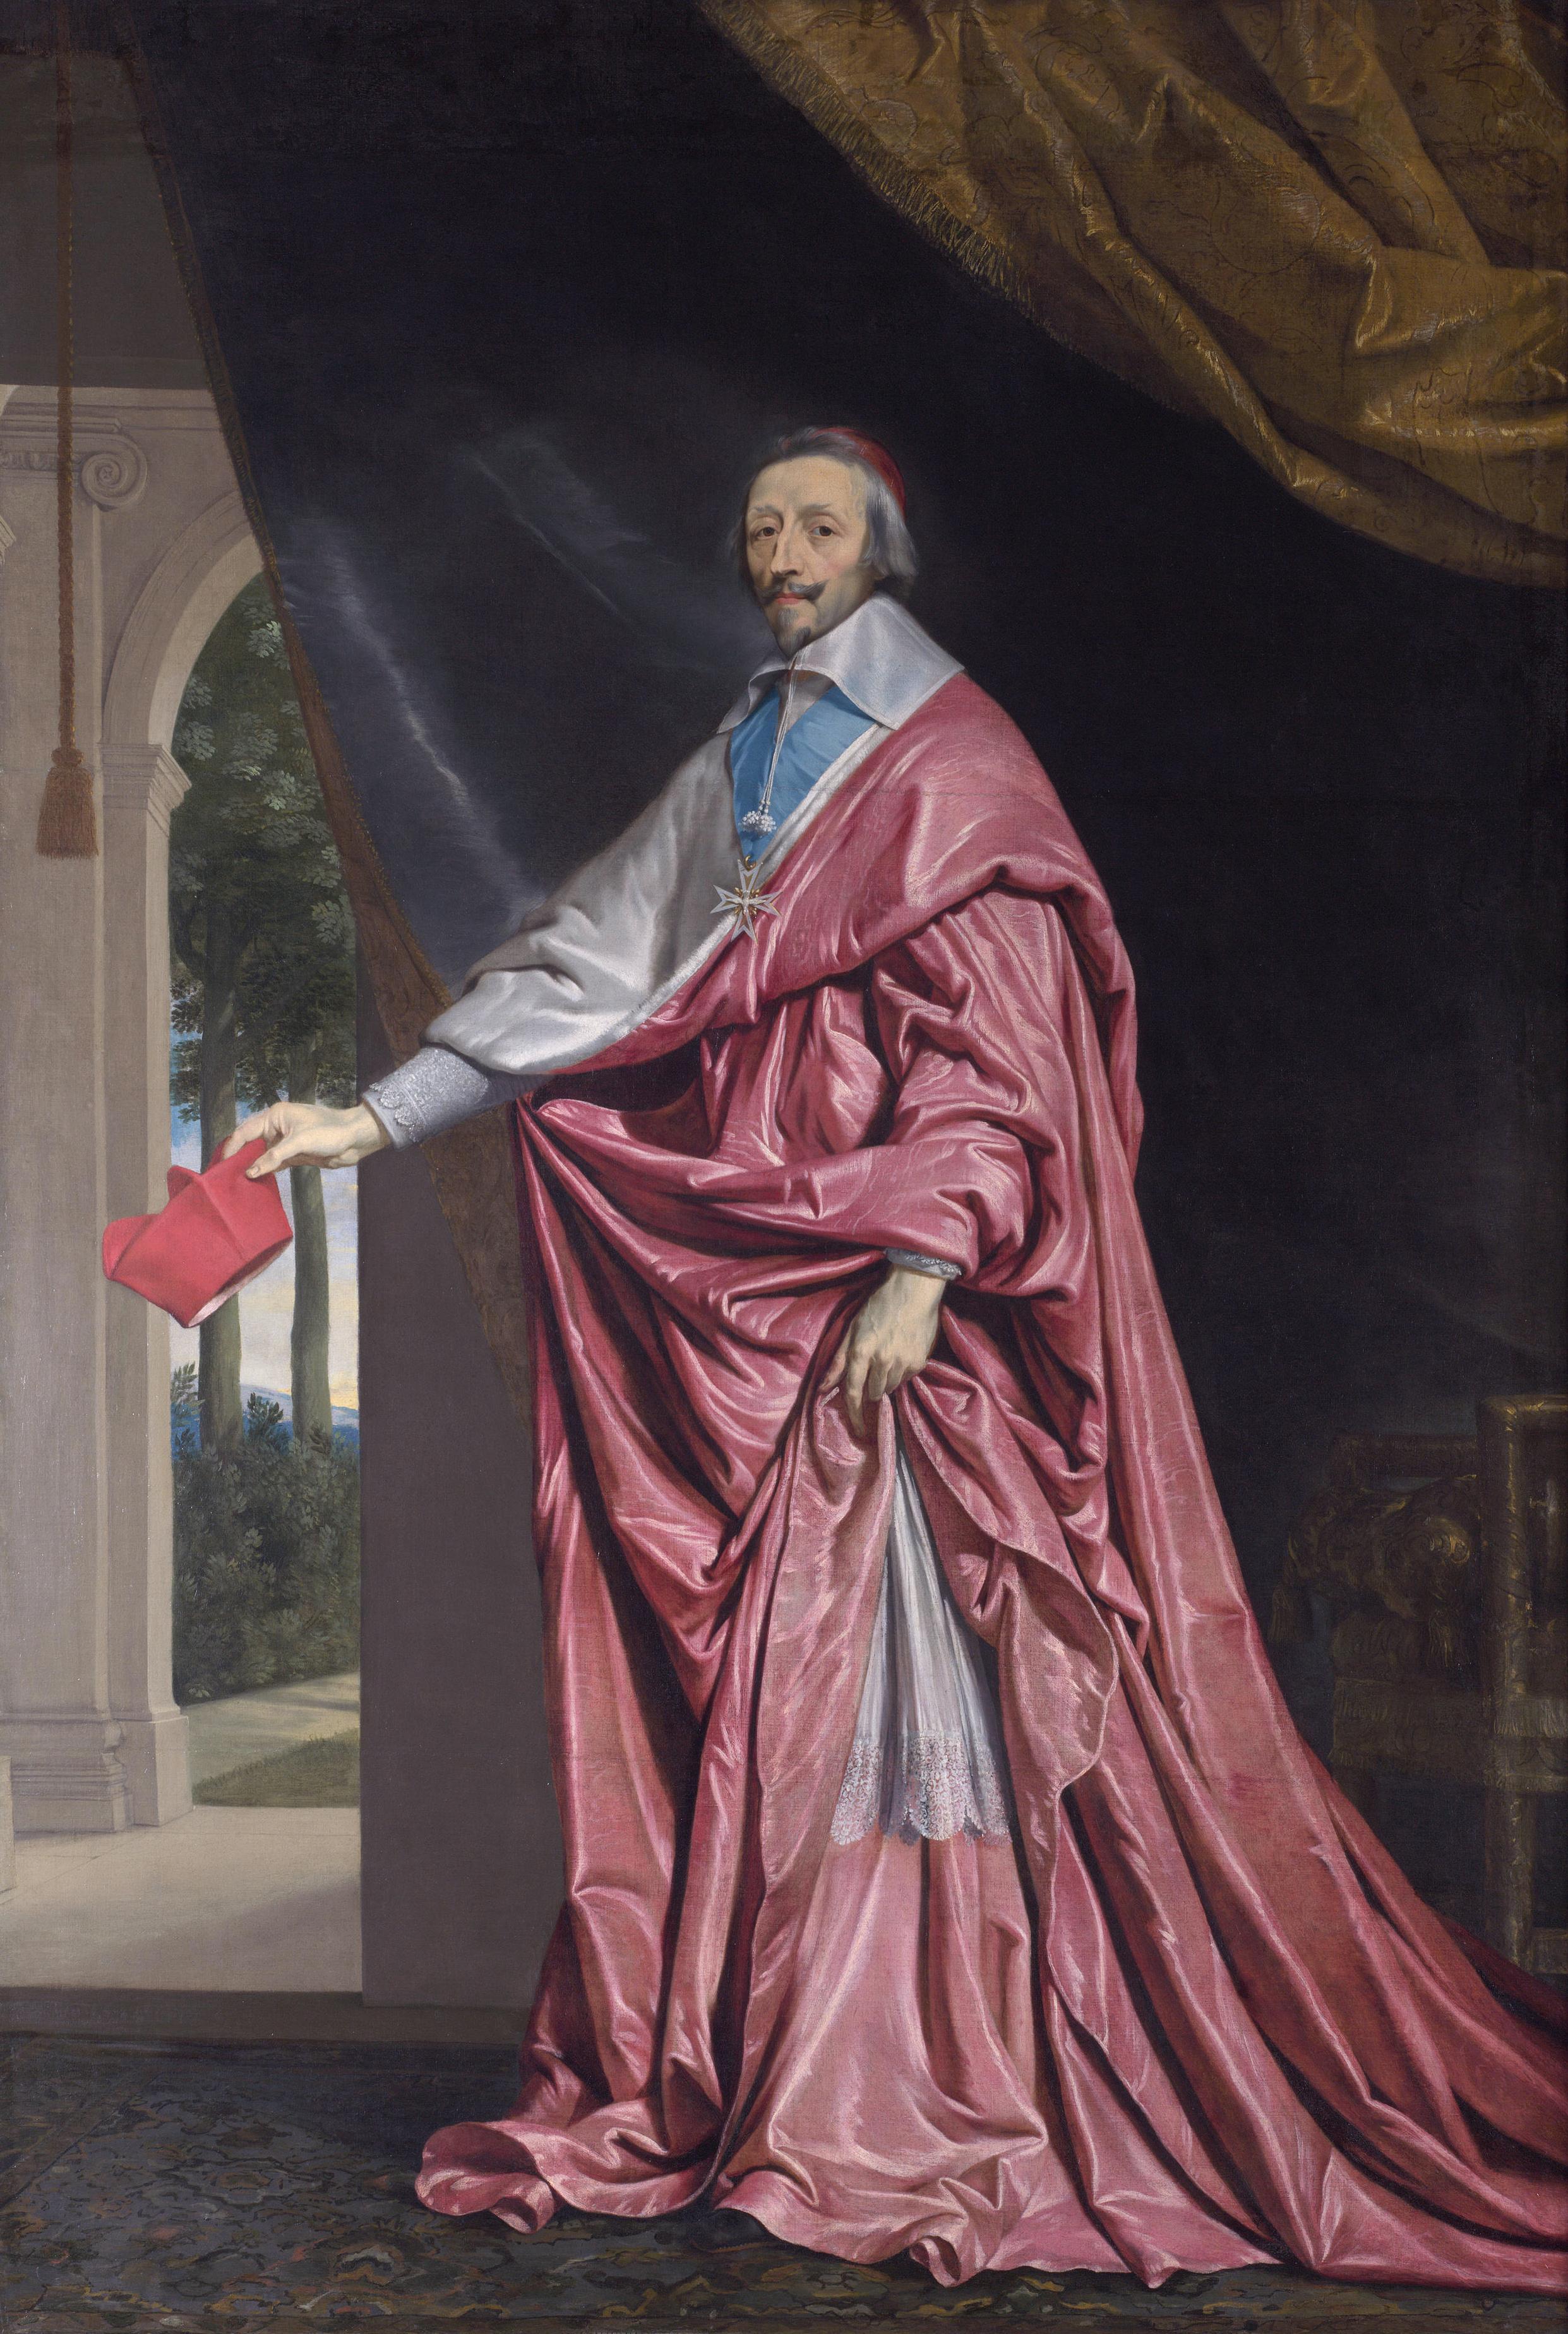 [Image: Cardinal_de_Richelieu.jpg]